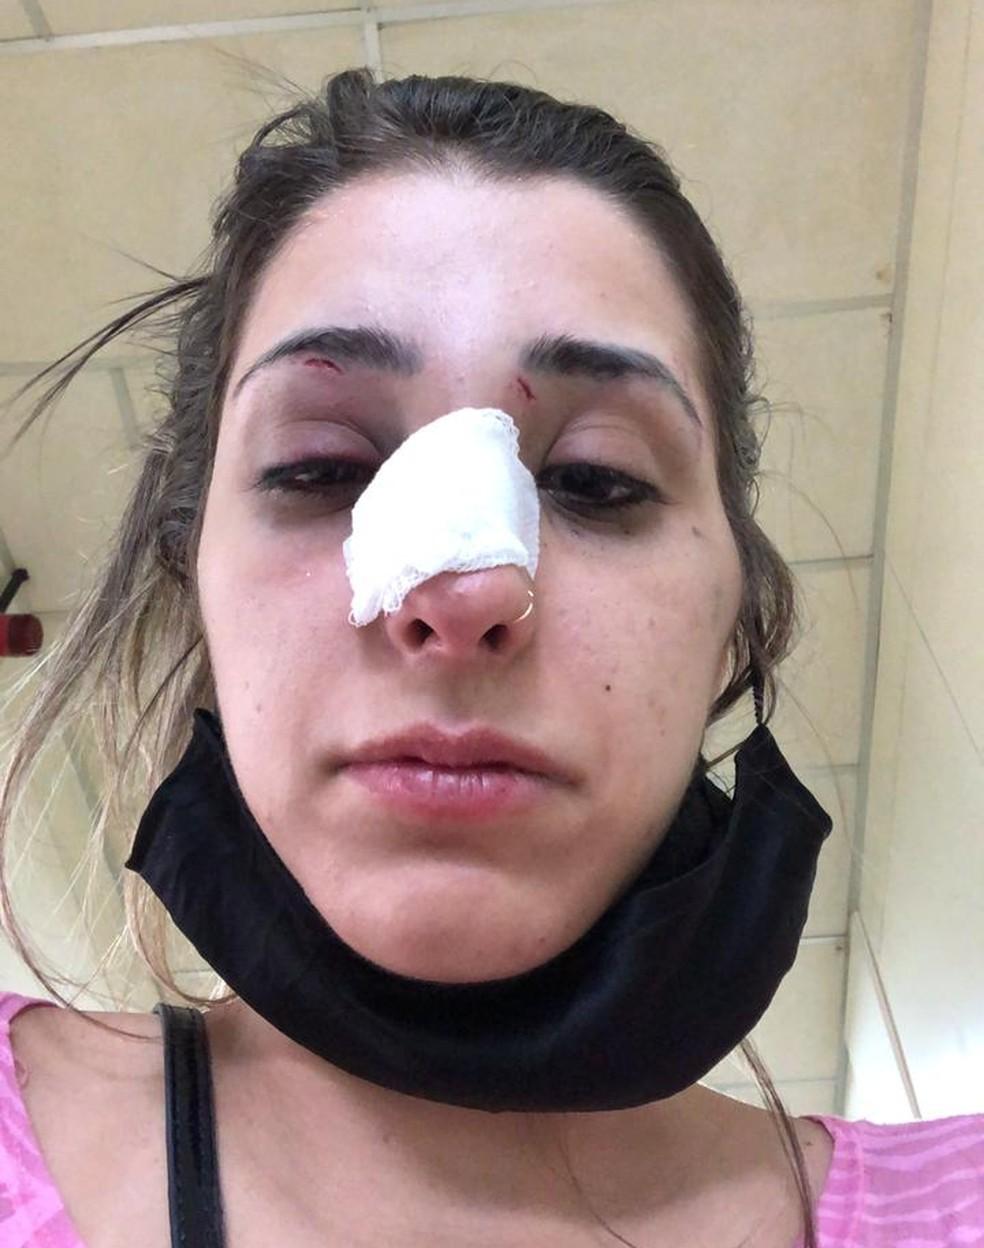 Jovem quebrou o nariz após agressões sofridas pelo ex-namorado  — Foto: Arquivo pessoal